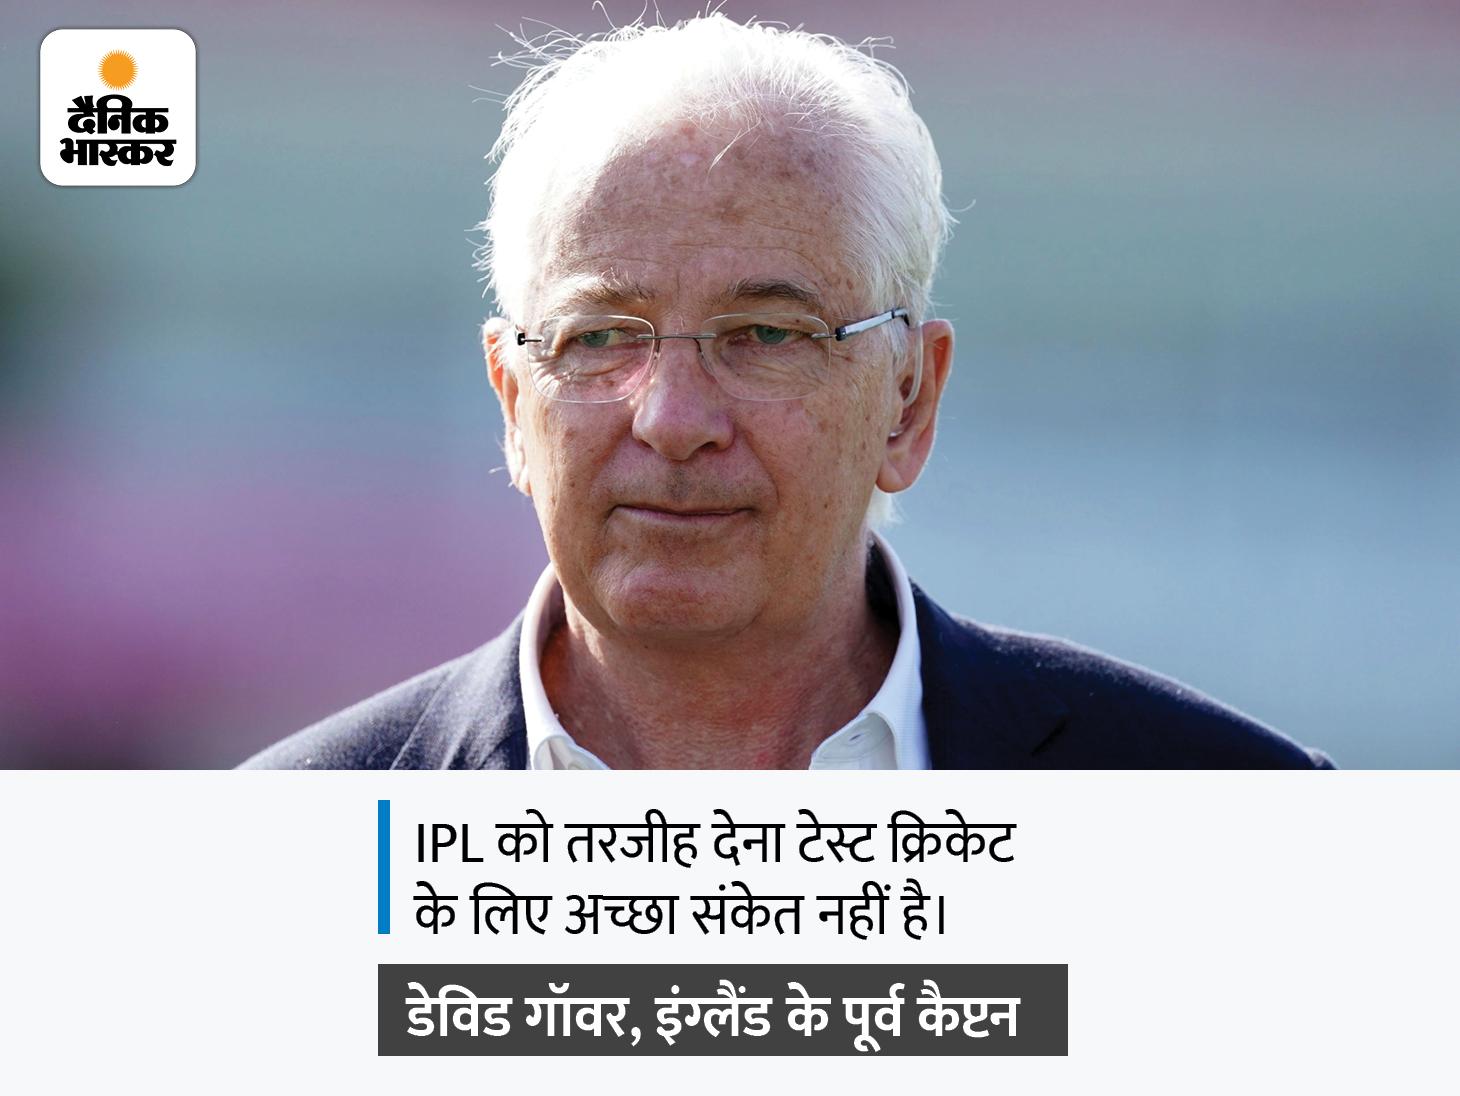 इंग्लैंड के पूर्व कप्तान डेविड गॉवर ने कहा- टेस्ट से एक रात पहले कोहली ने BCCI को ईमेल किया; टीम ने IPL को तरजीह दी|क्रिकेट,Cricket - Dainik Bhaskar